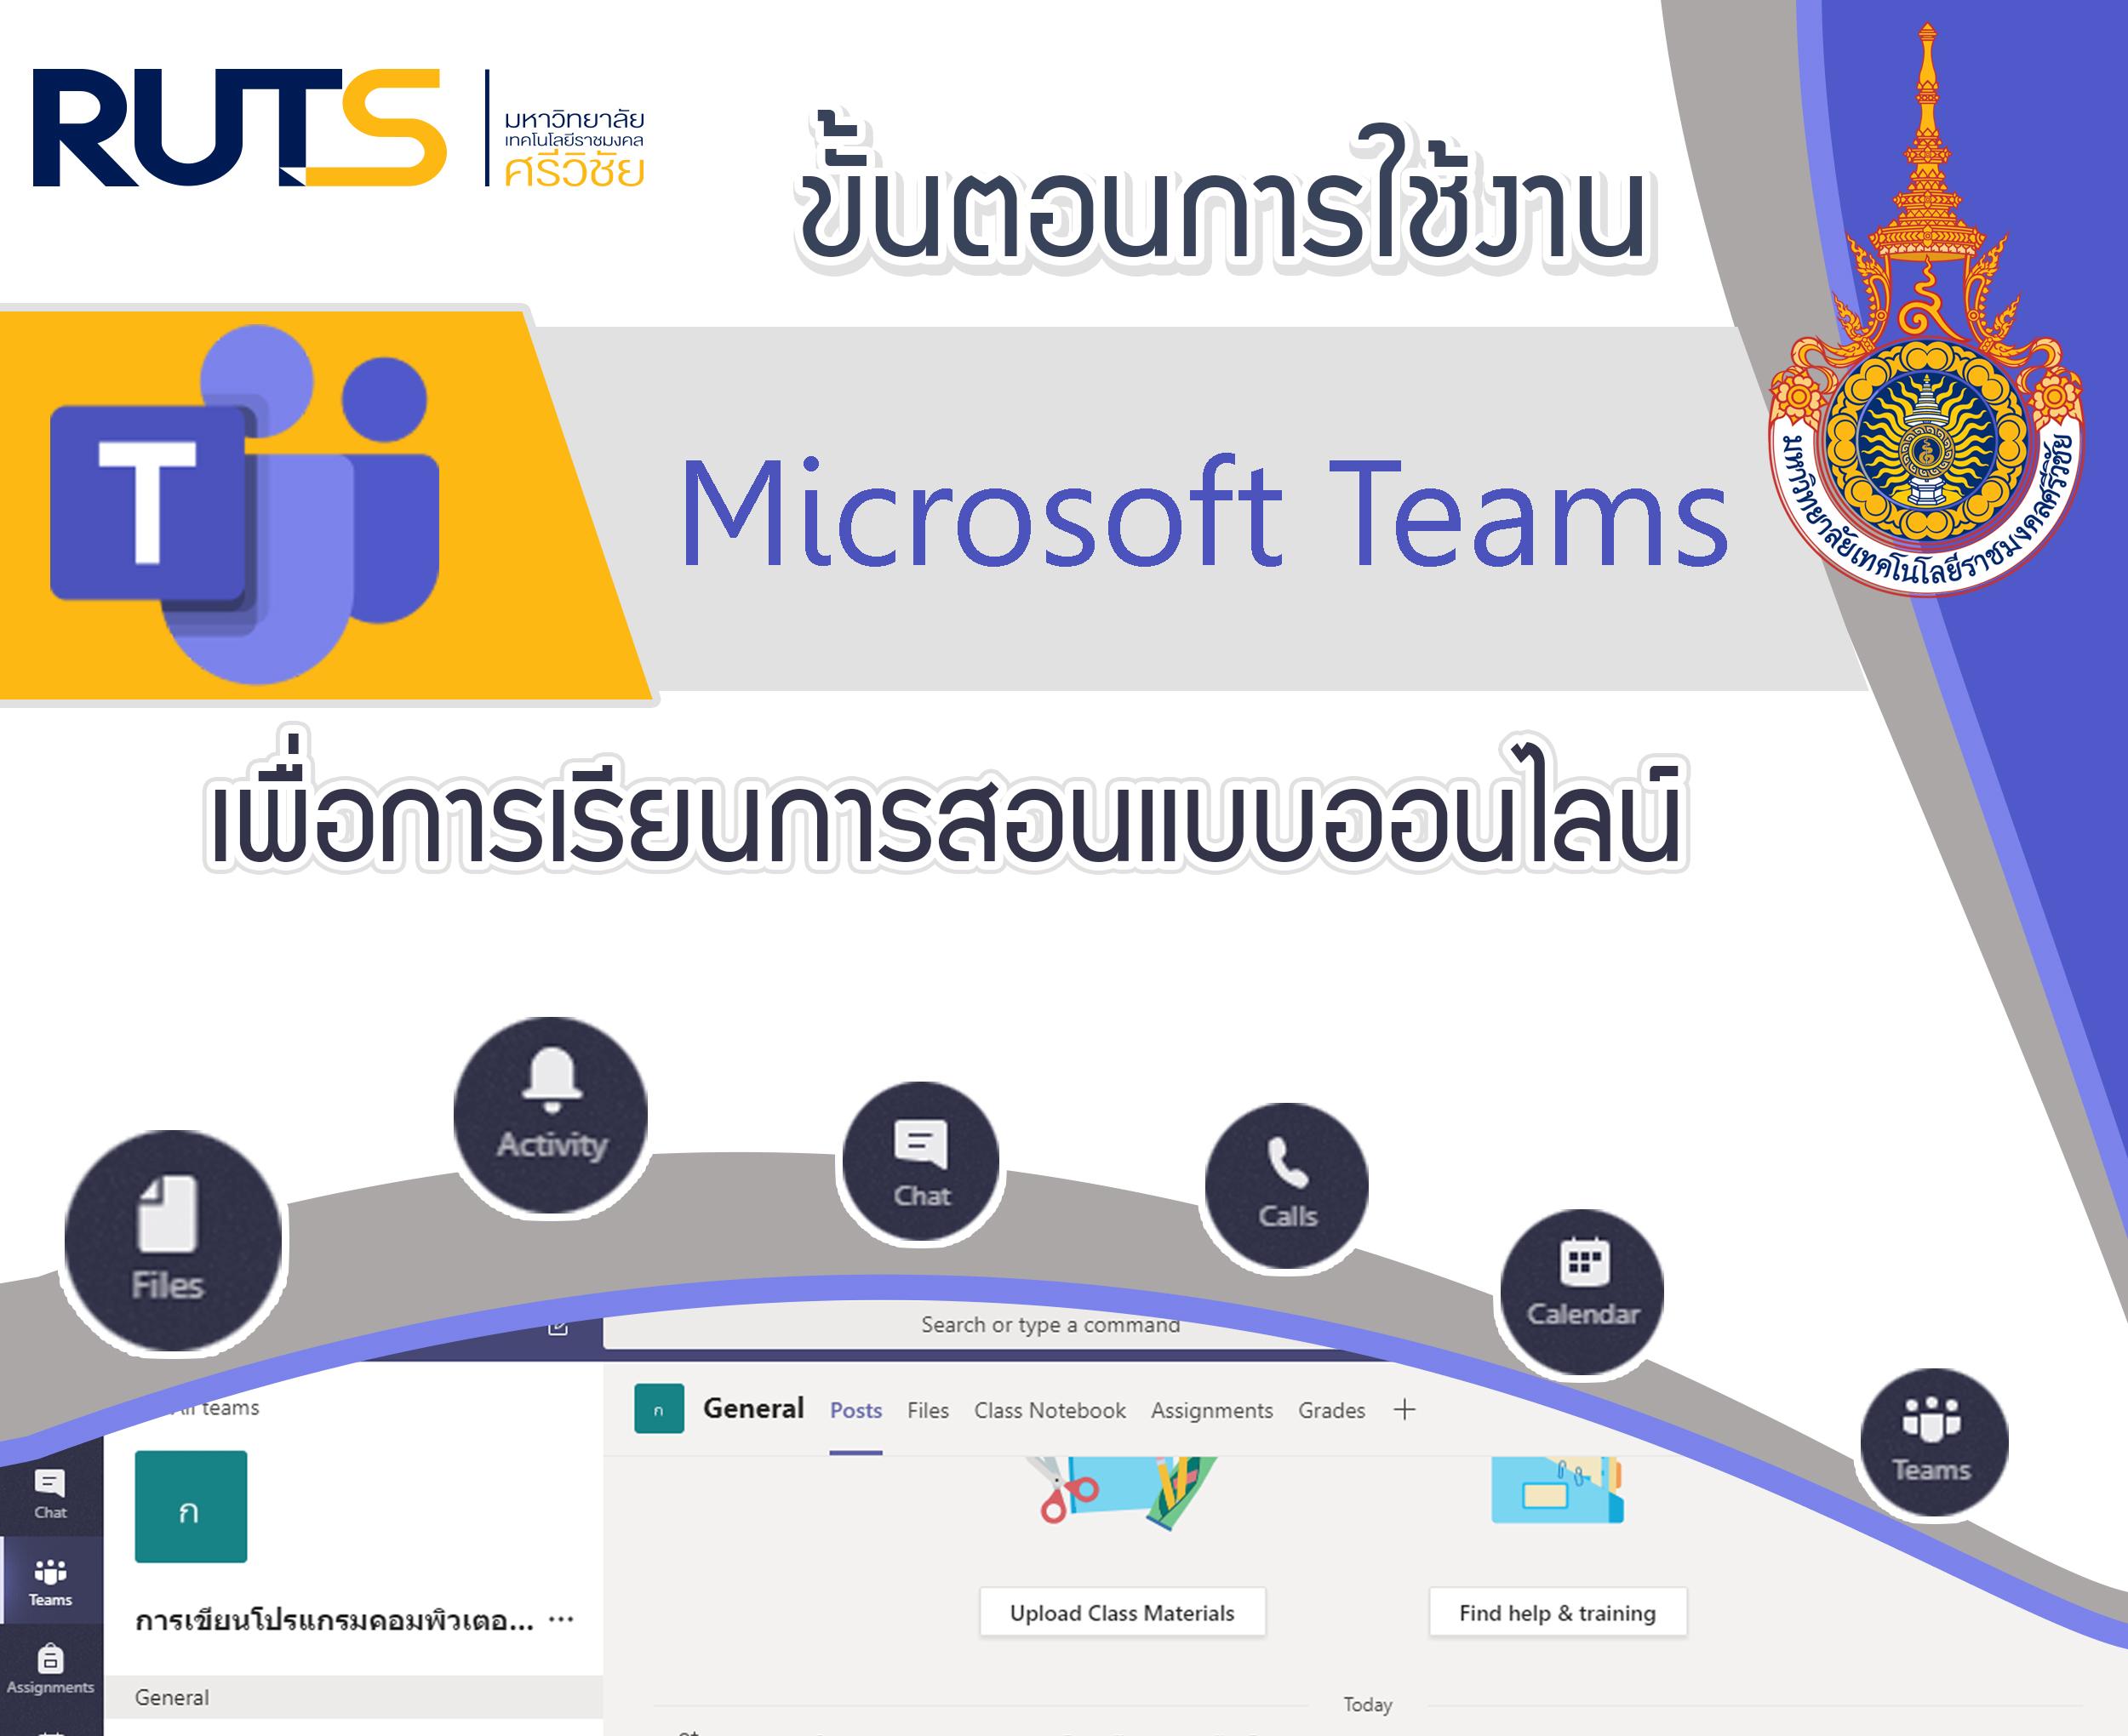 ขั้นตอนการใช้งาน Microsoft Teams เพื่อการเรียนการสอนแบบออนไลน์ มหาวิทยาลัยเทคโนโลยีราชมงคลศรีวิชัย